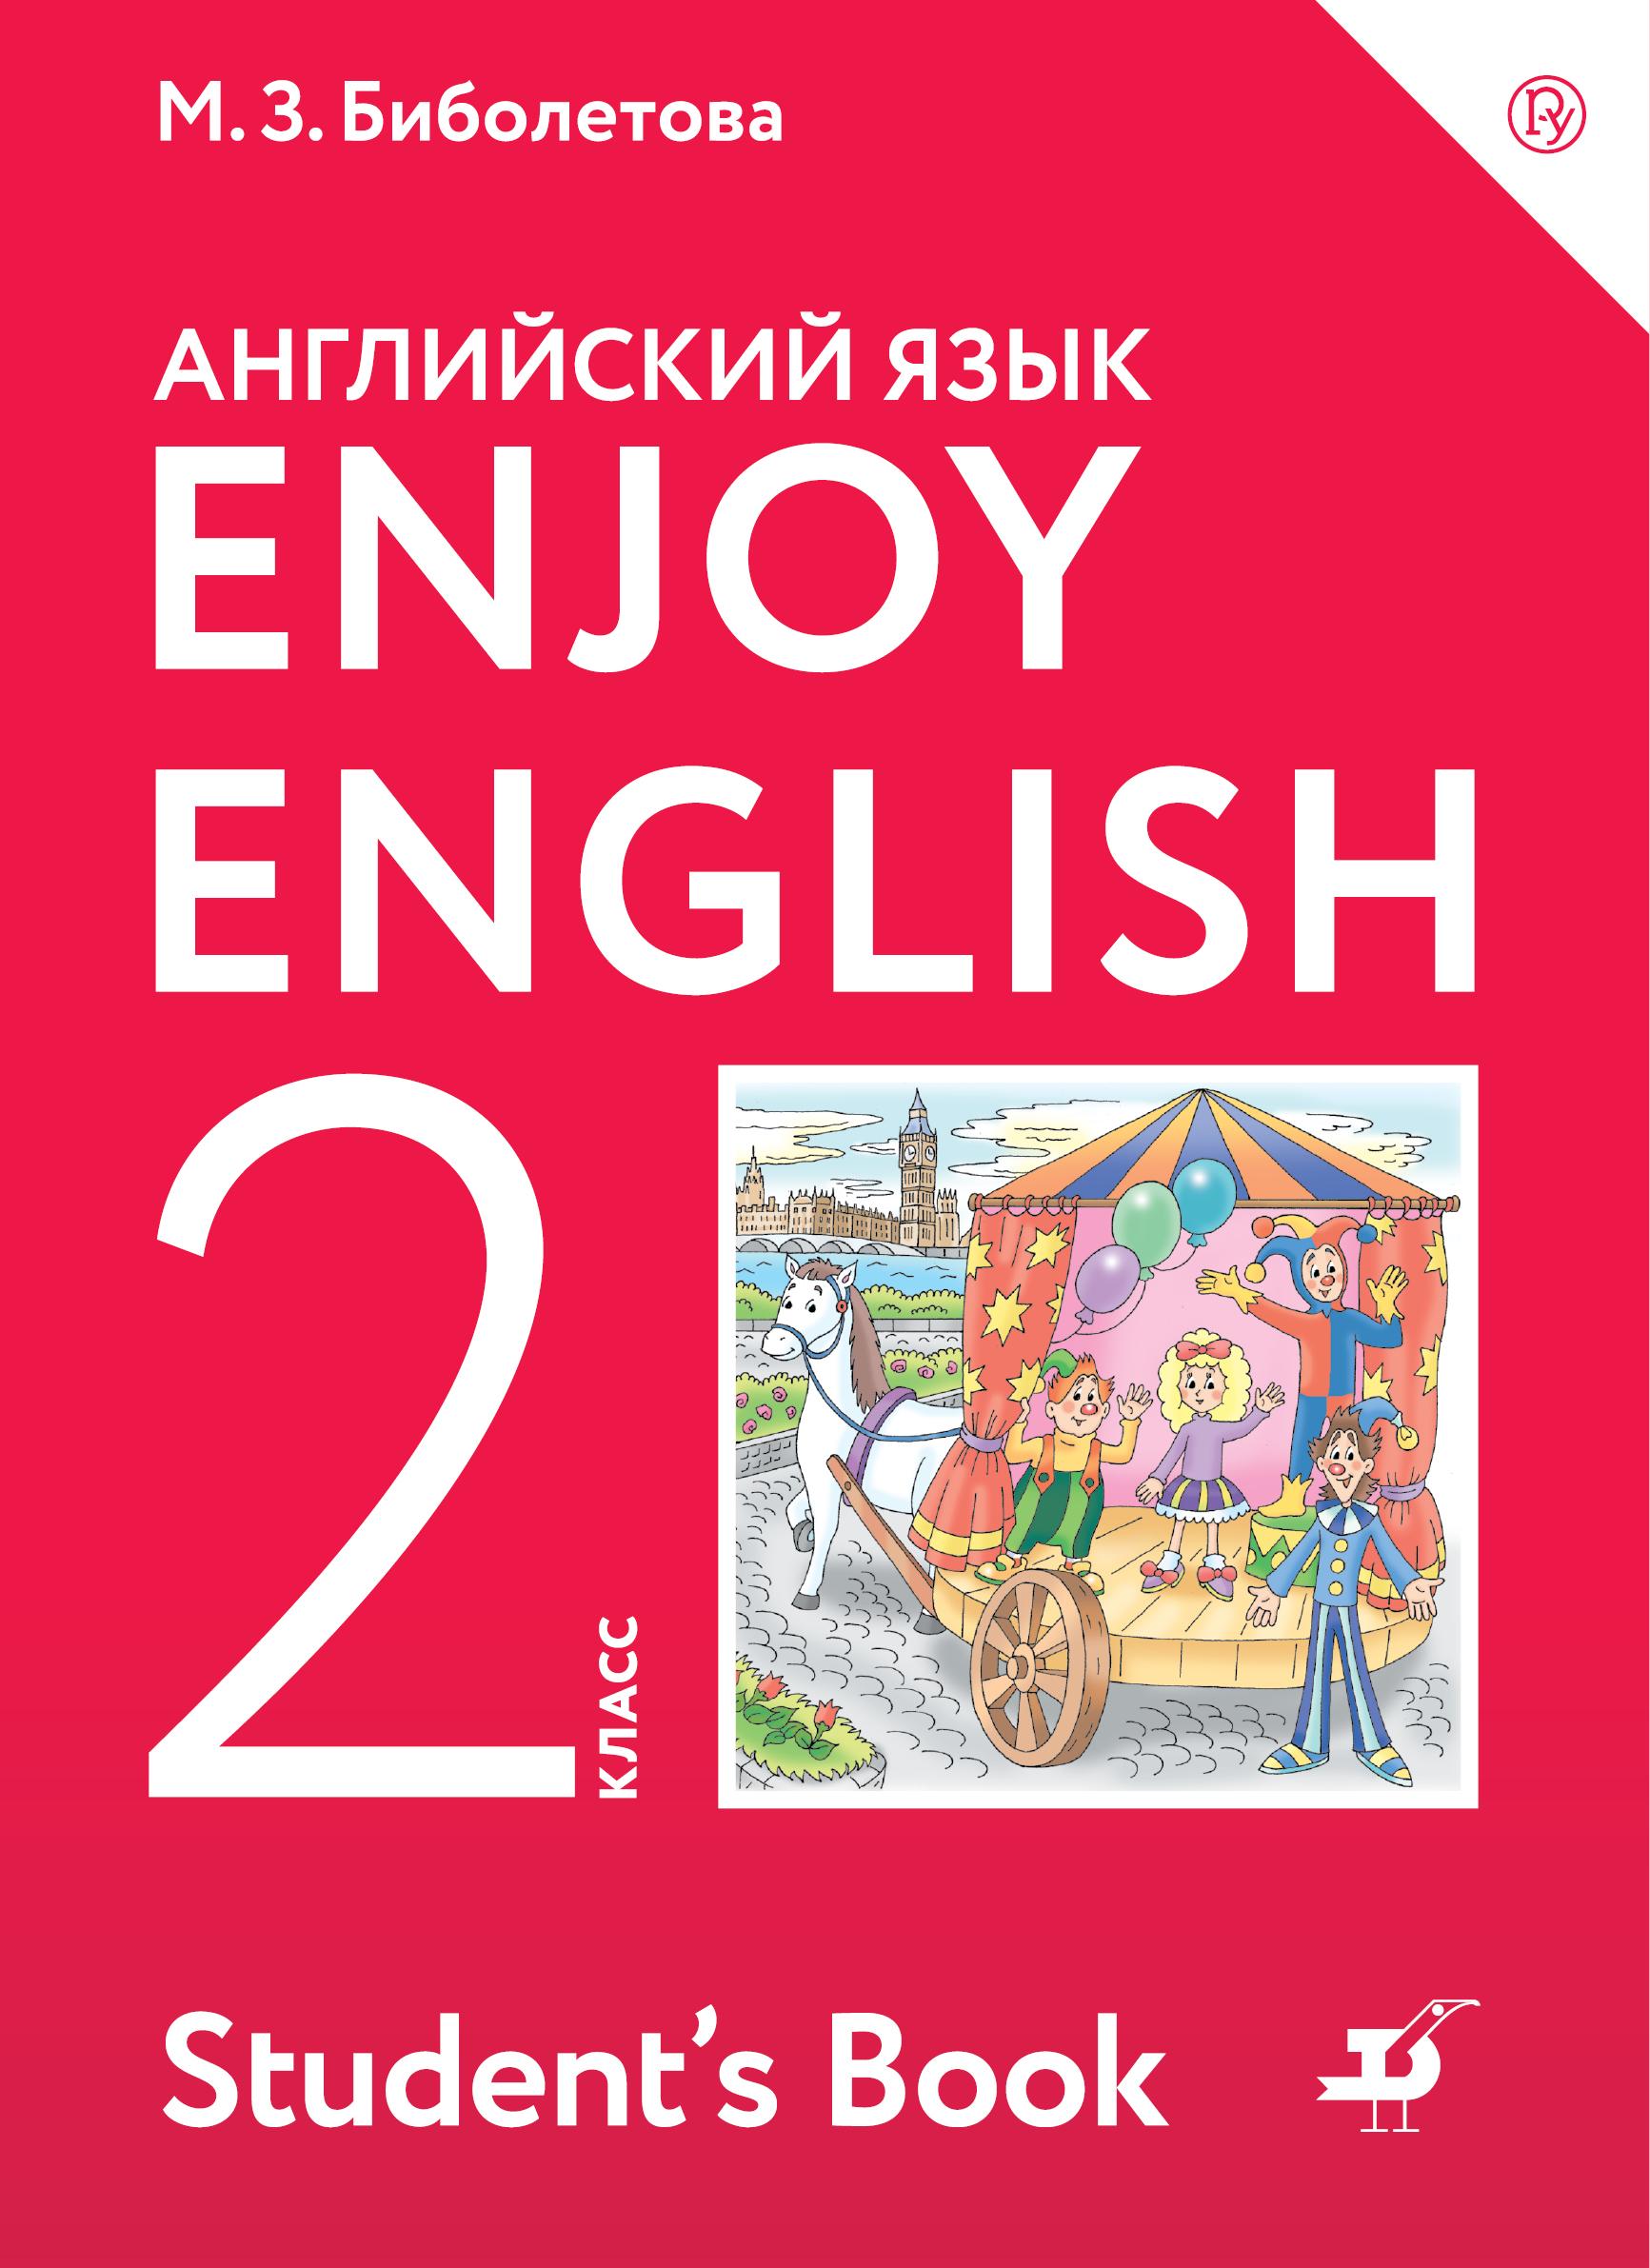 М. З. Биболетова Enjoy English/Английский с удовольствием. 2 класс. Учебное пособие биболетова м з enjoy english английский с удовольствием 2 класс учебник